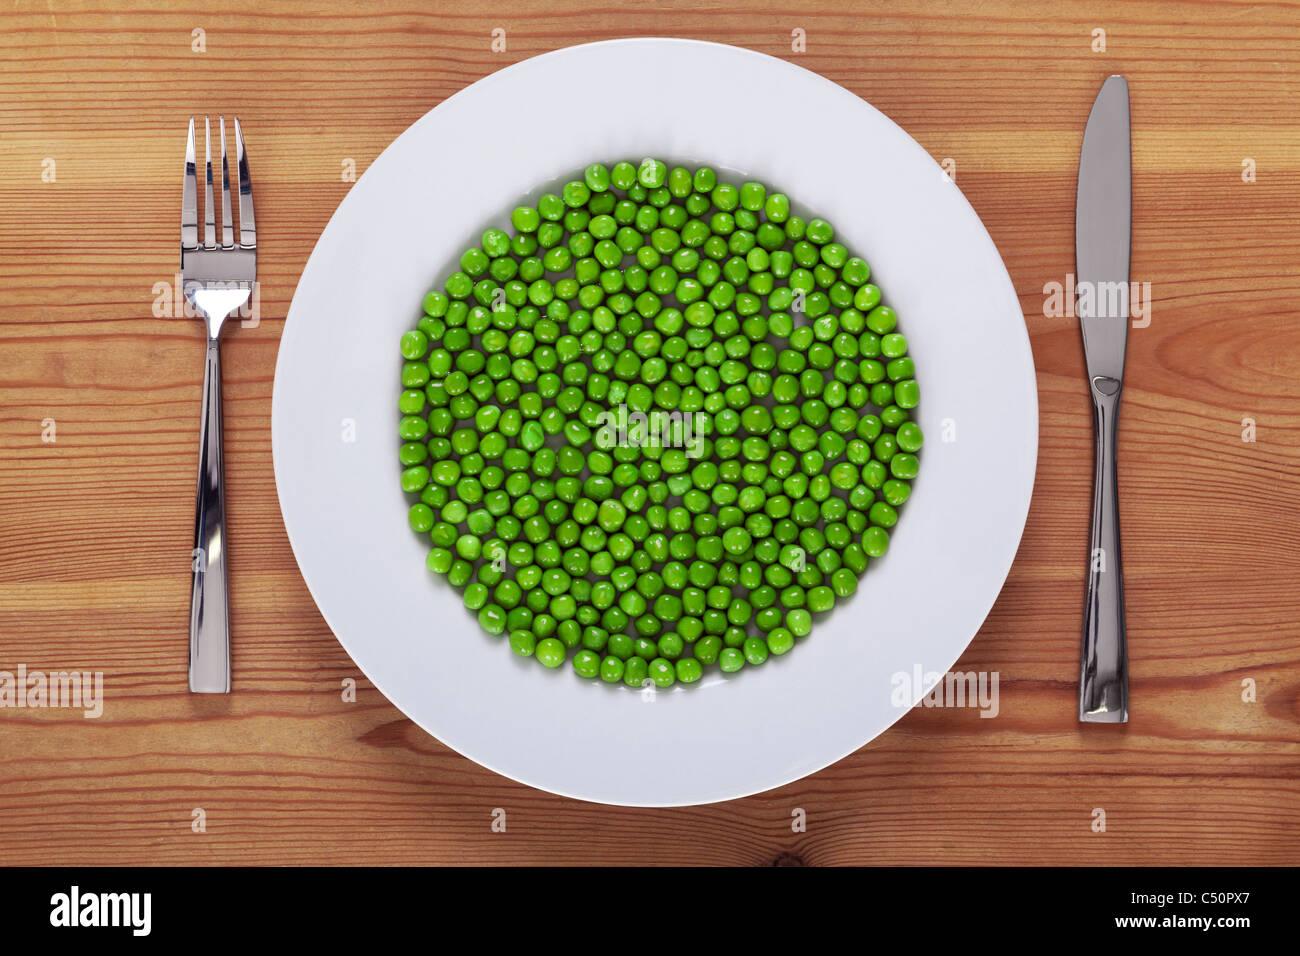 Foto von grünen Erbsen auf einem weißen Teller mit Messer und Gabel auf einem rustikalen Holztisch. Stockbild